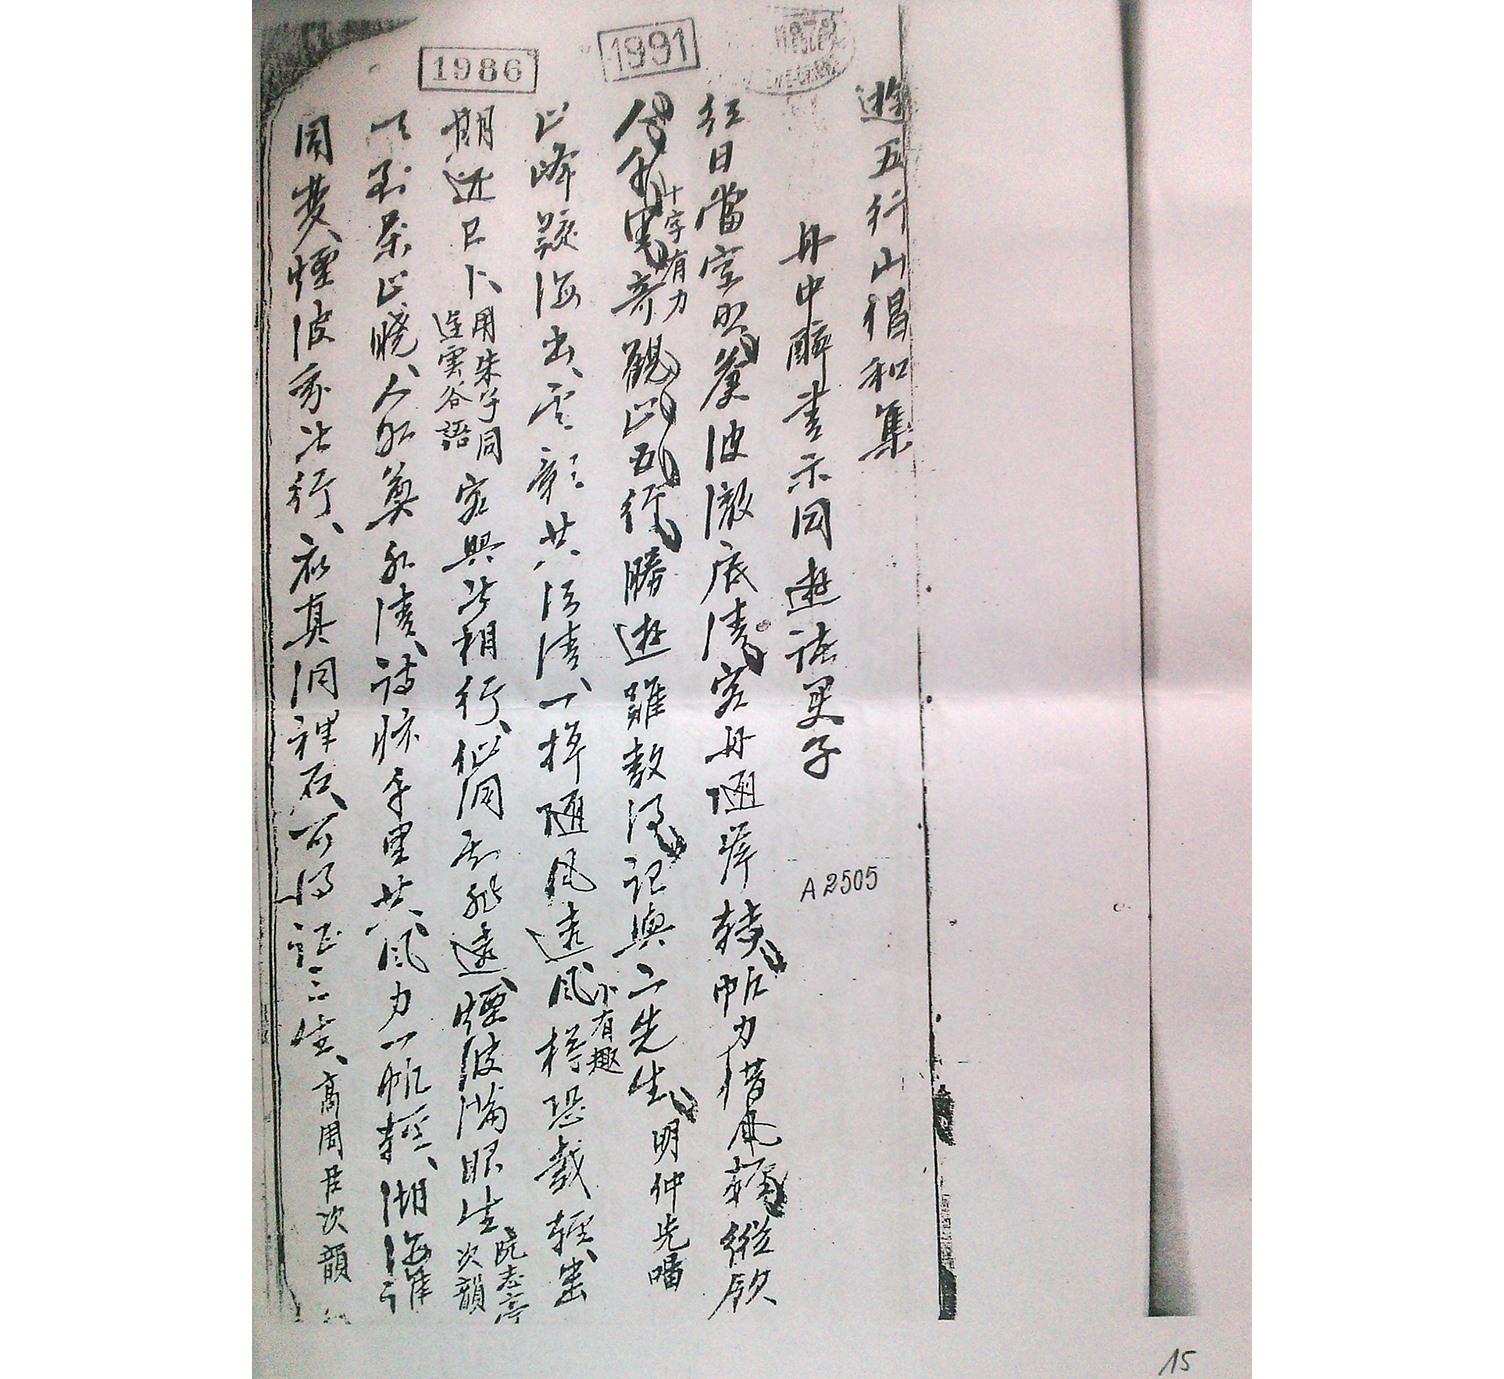 Trang đầu tiên văn bản Du Ngũ Hành Sơn xướng họa tập.